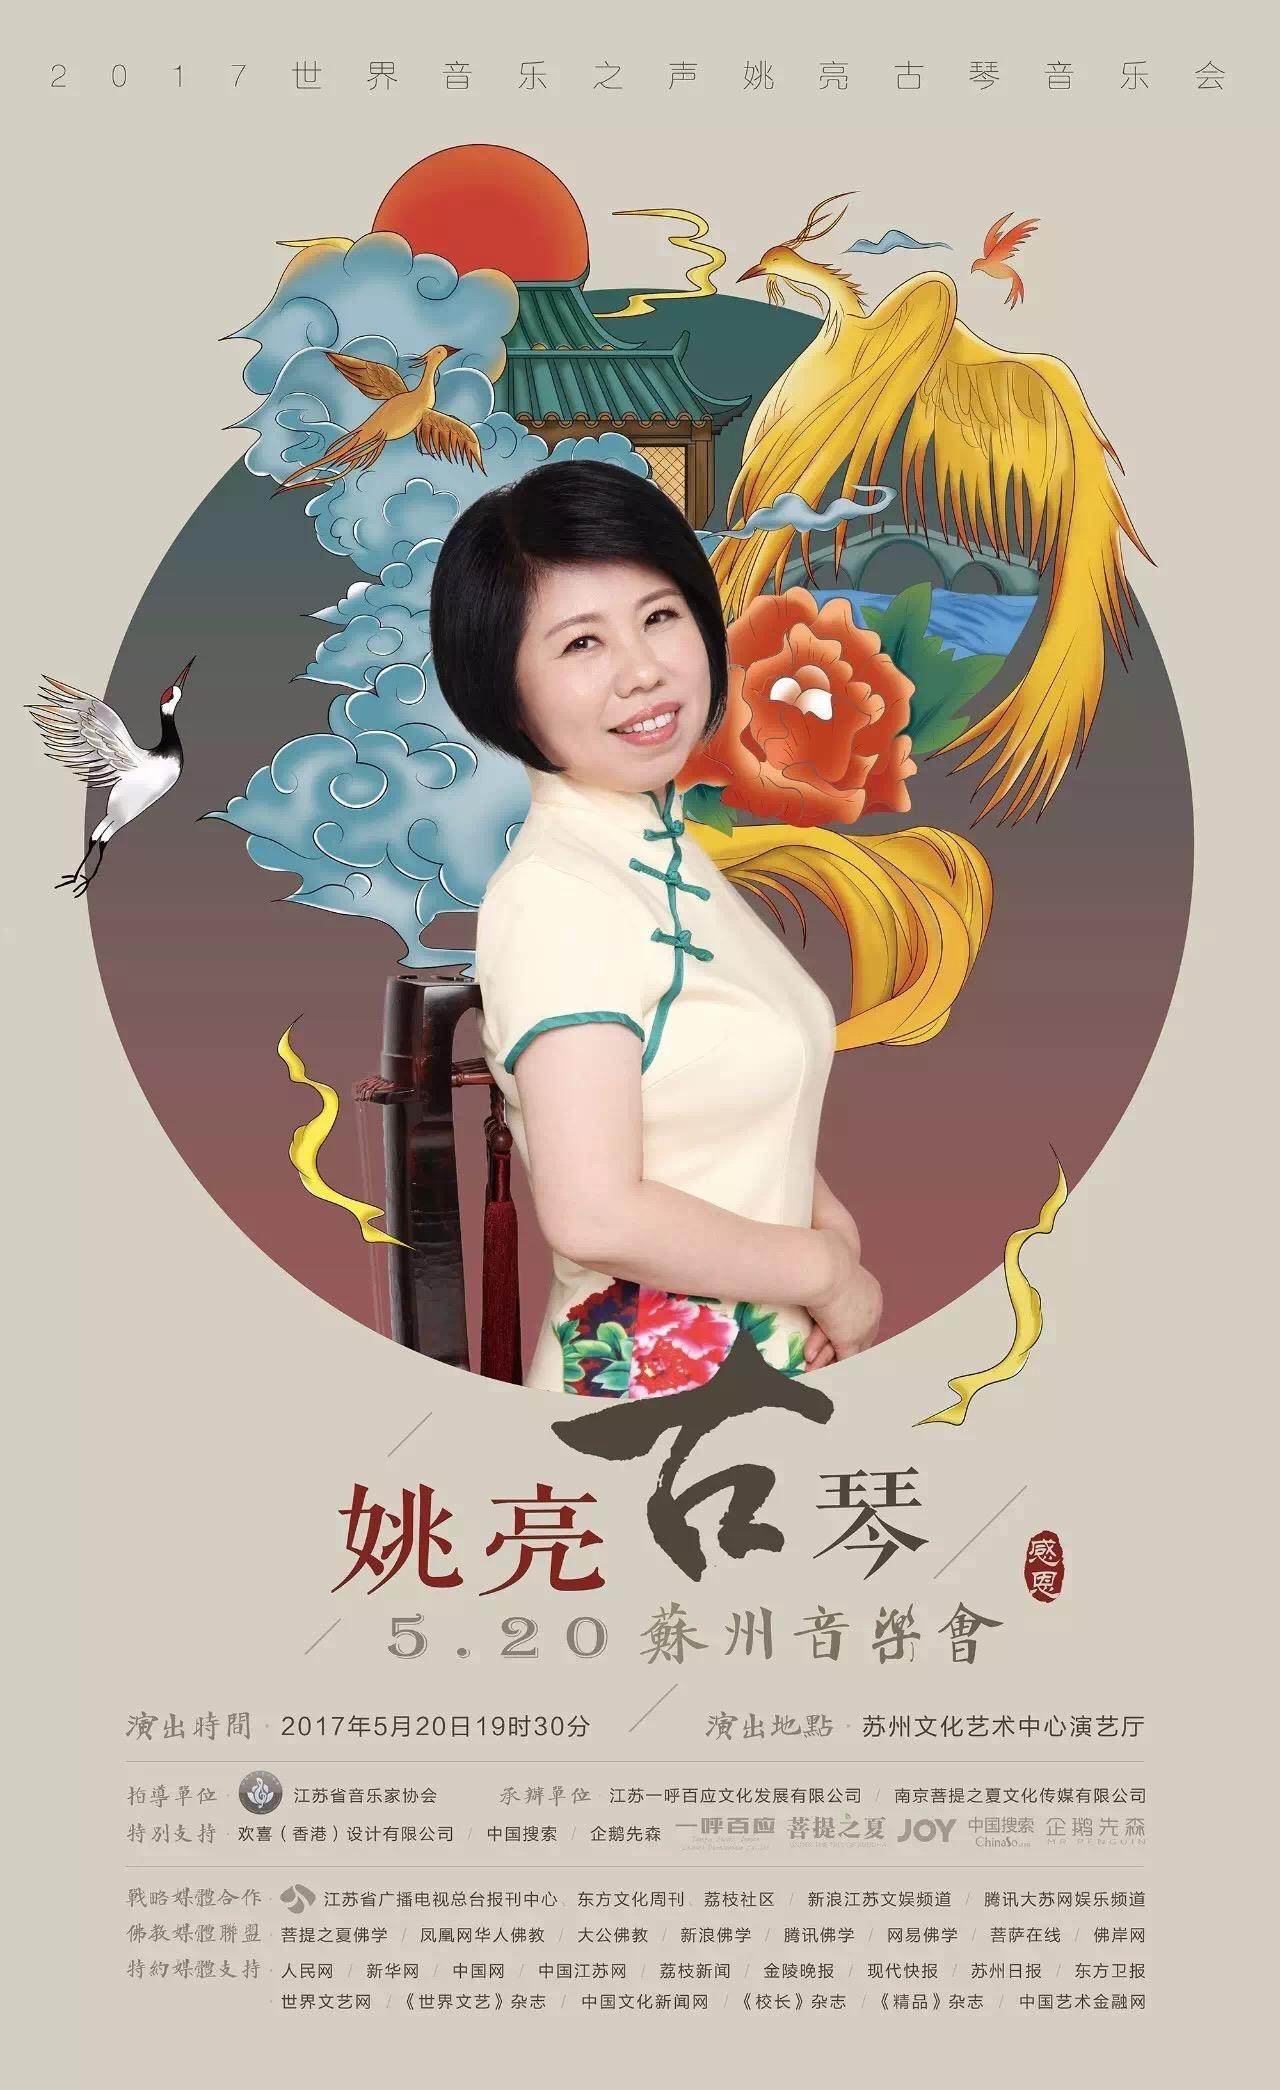 2017世界音乐之声之姚亮古琴音乐会(苏州)将于5月20日举行